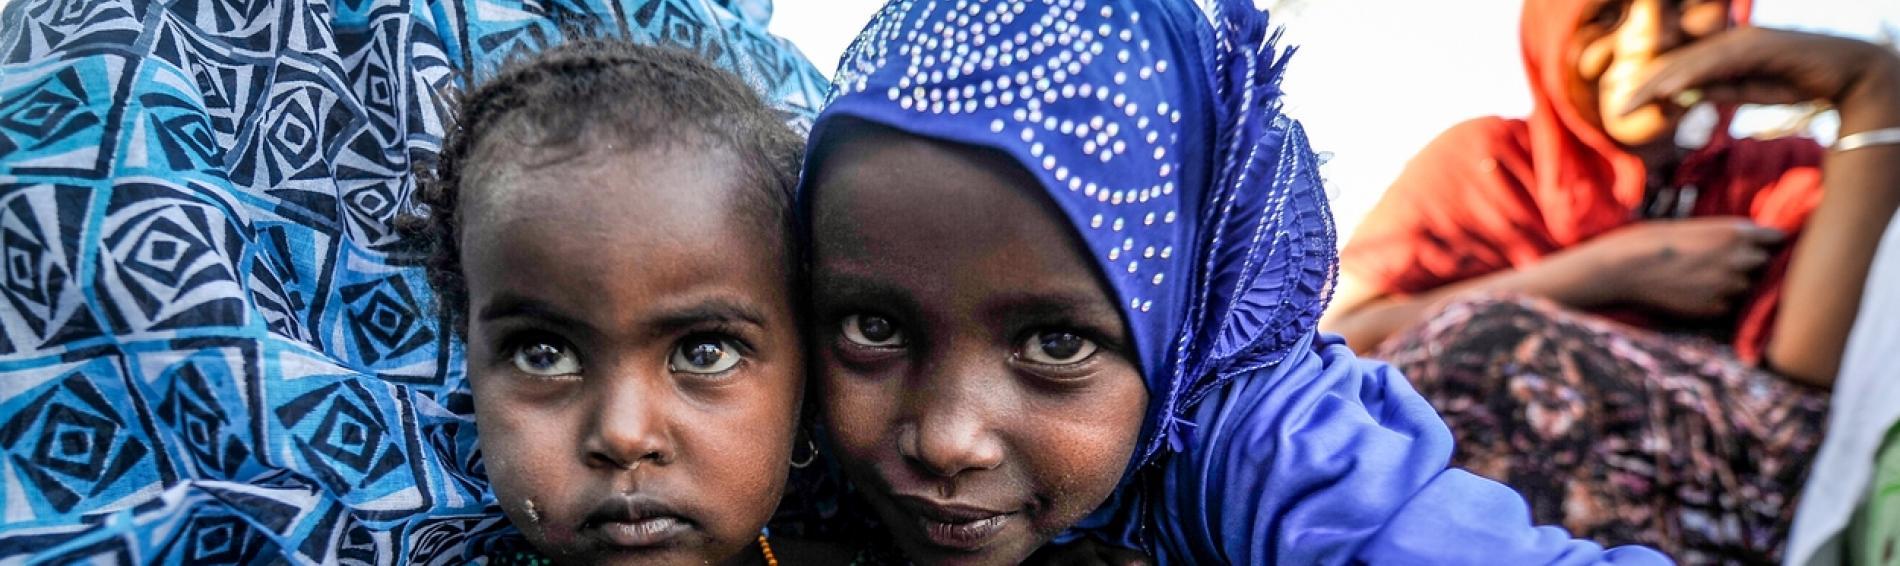 Mädchen werden in der Region Afar schon kurz nach der Geburt genitalverstümmelt. Foto: Ärzte der Welt